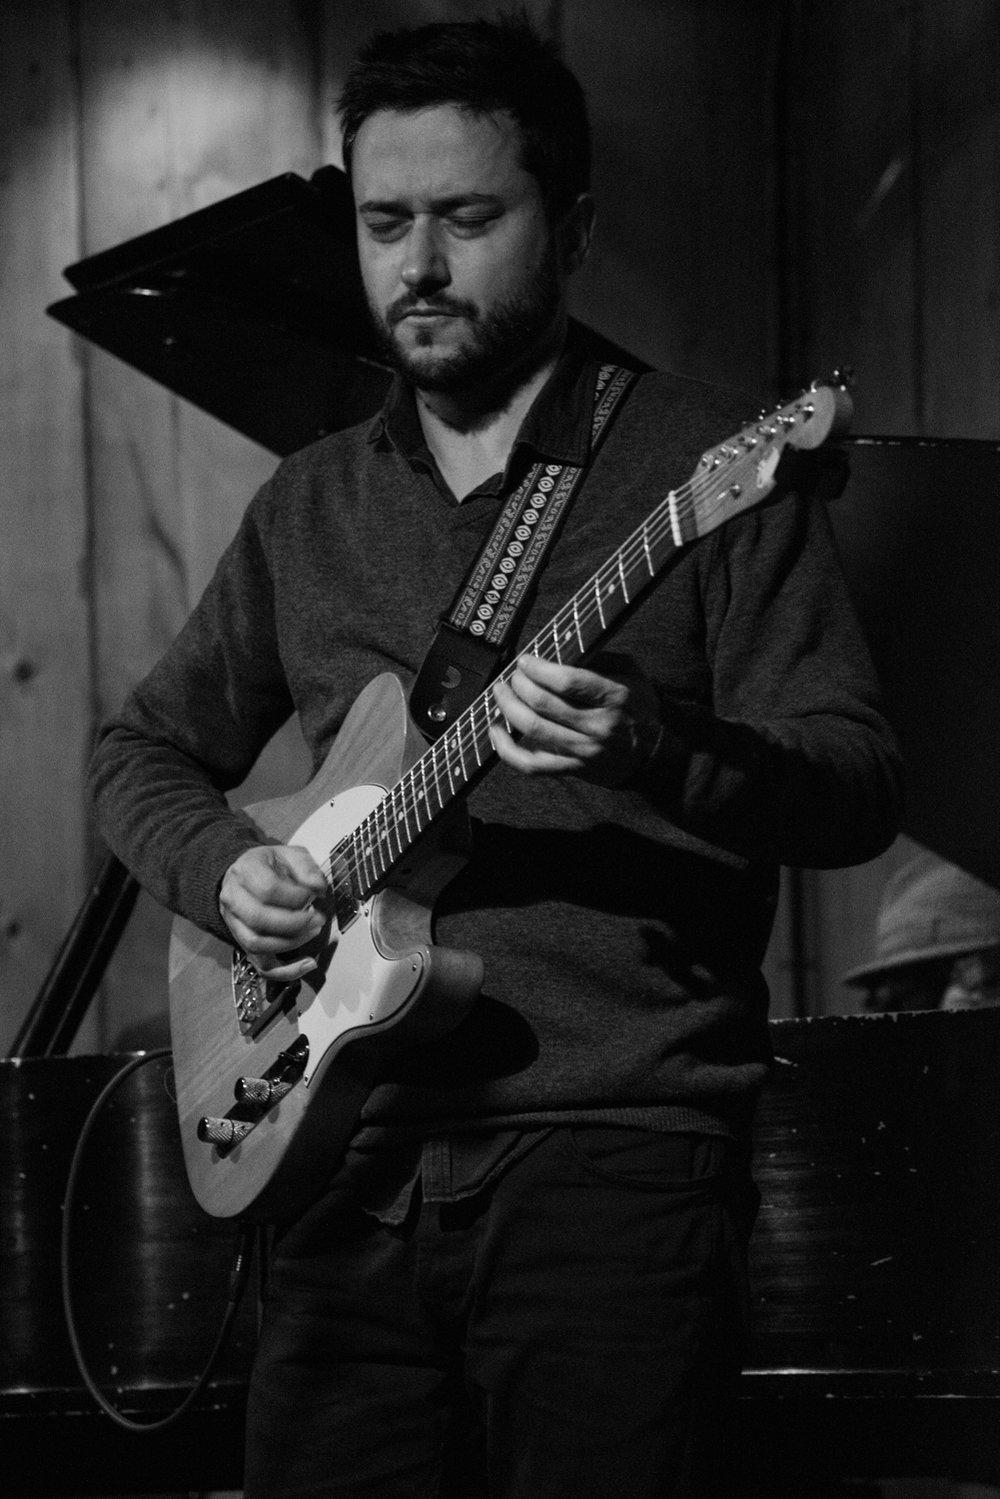 Andre Matos, 2017